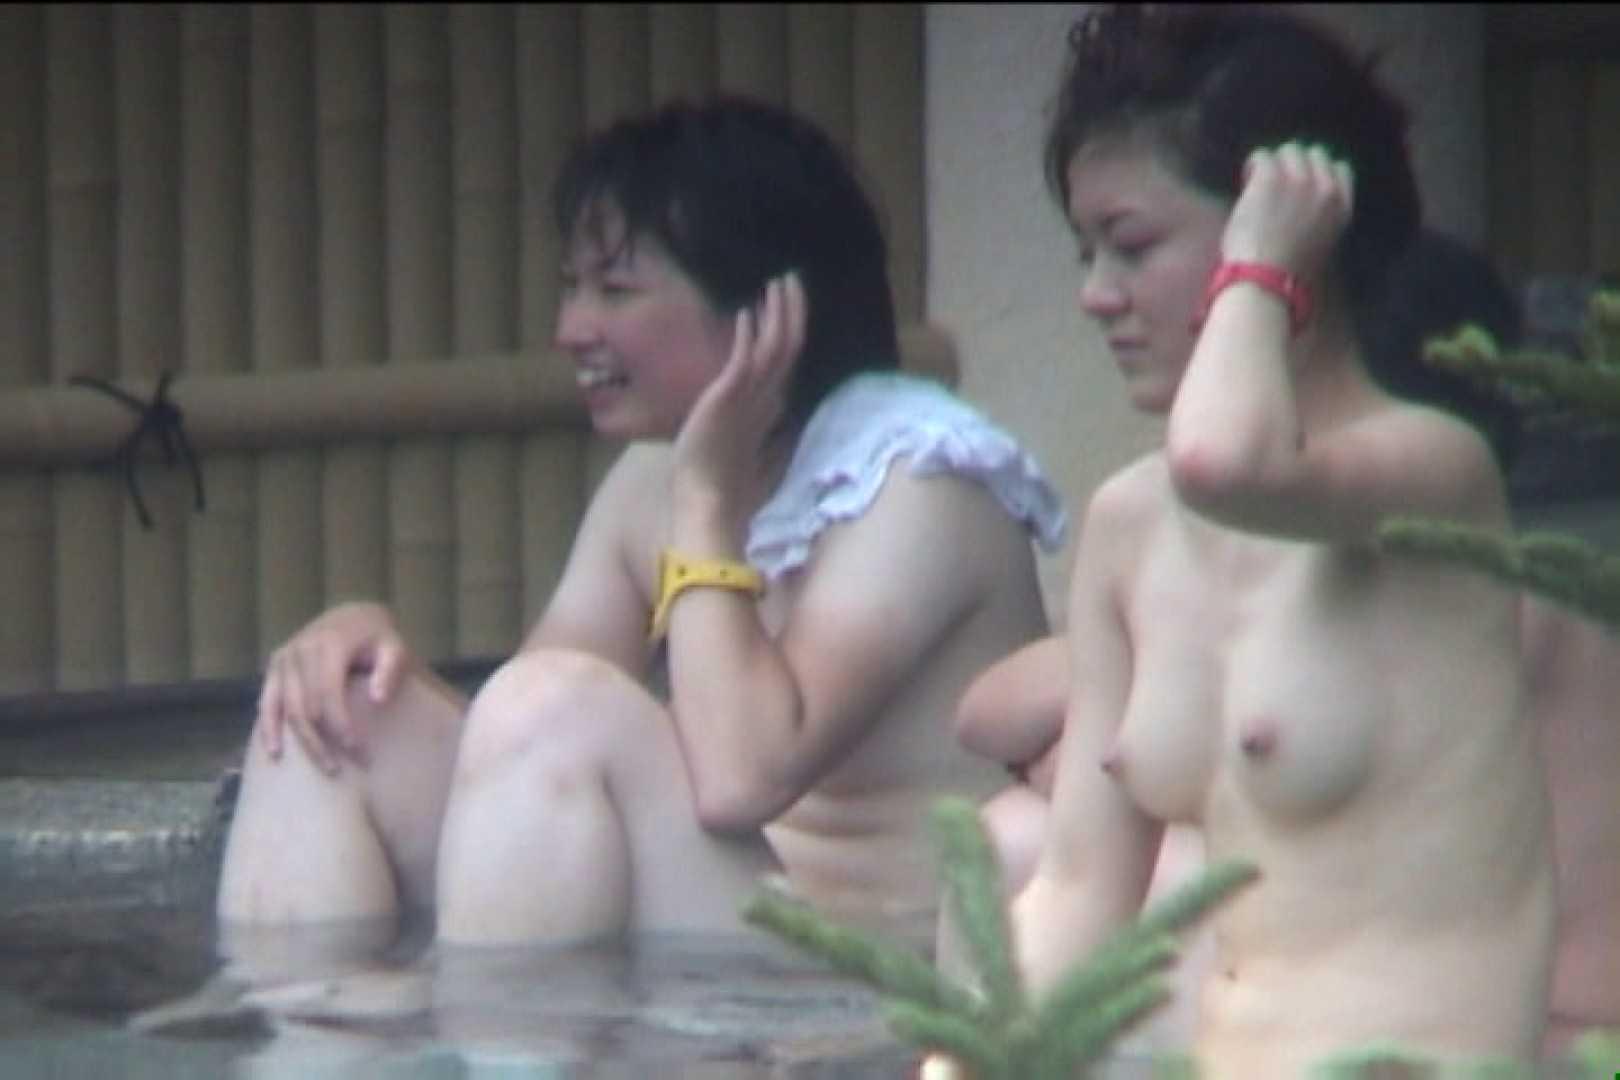 Aquaな露天風呂Vol.94【VIP限定】 盗撮シリーズ  111PIX 28